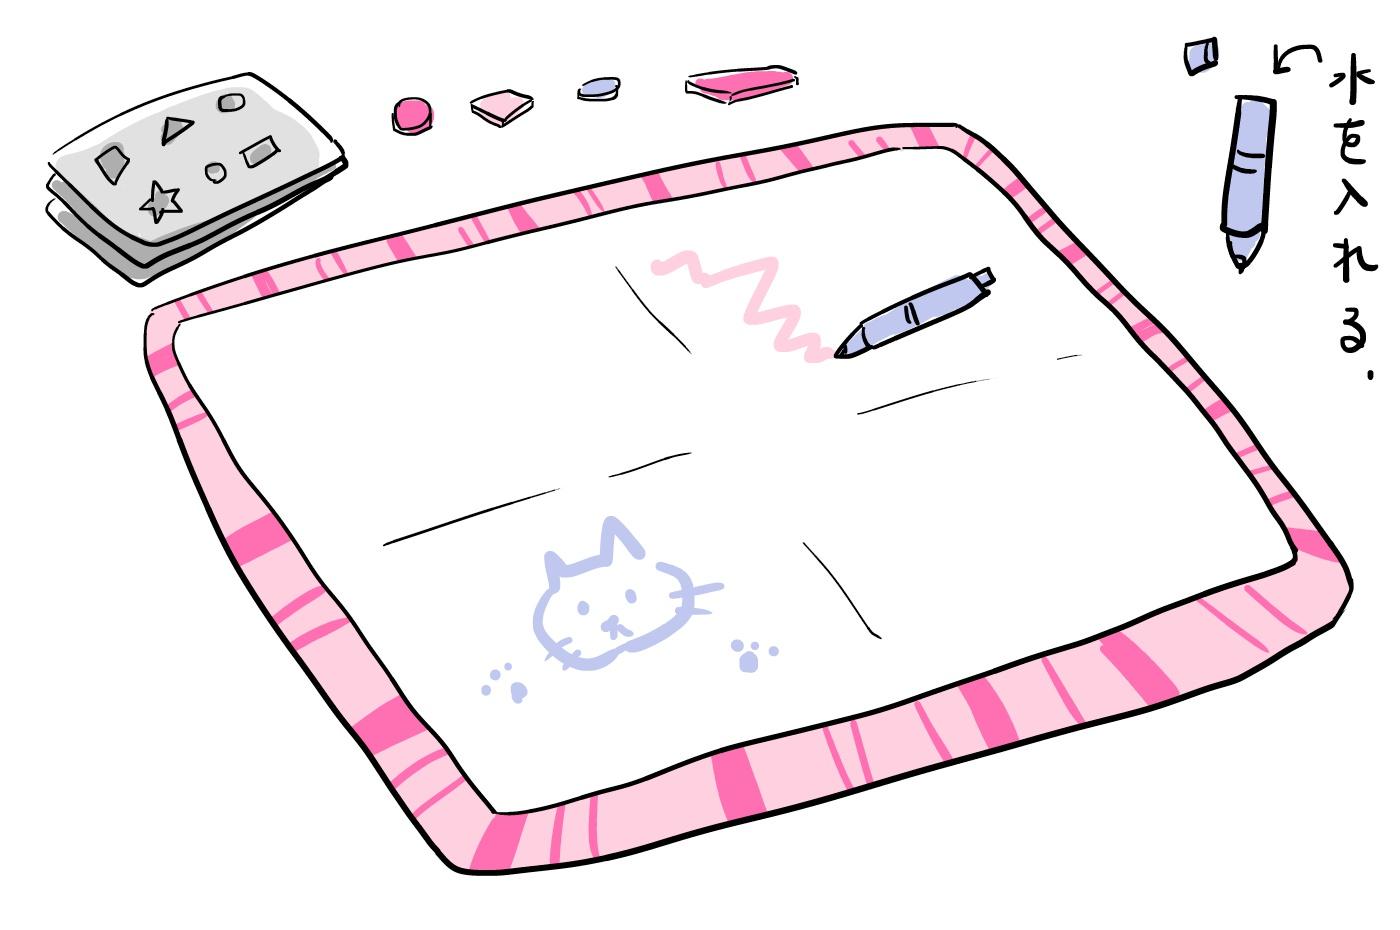 子どもの落書き防止に水で描けるシート おうち時間のストレス軽減にも